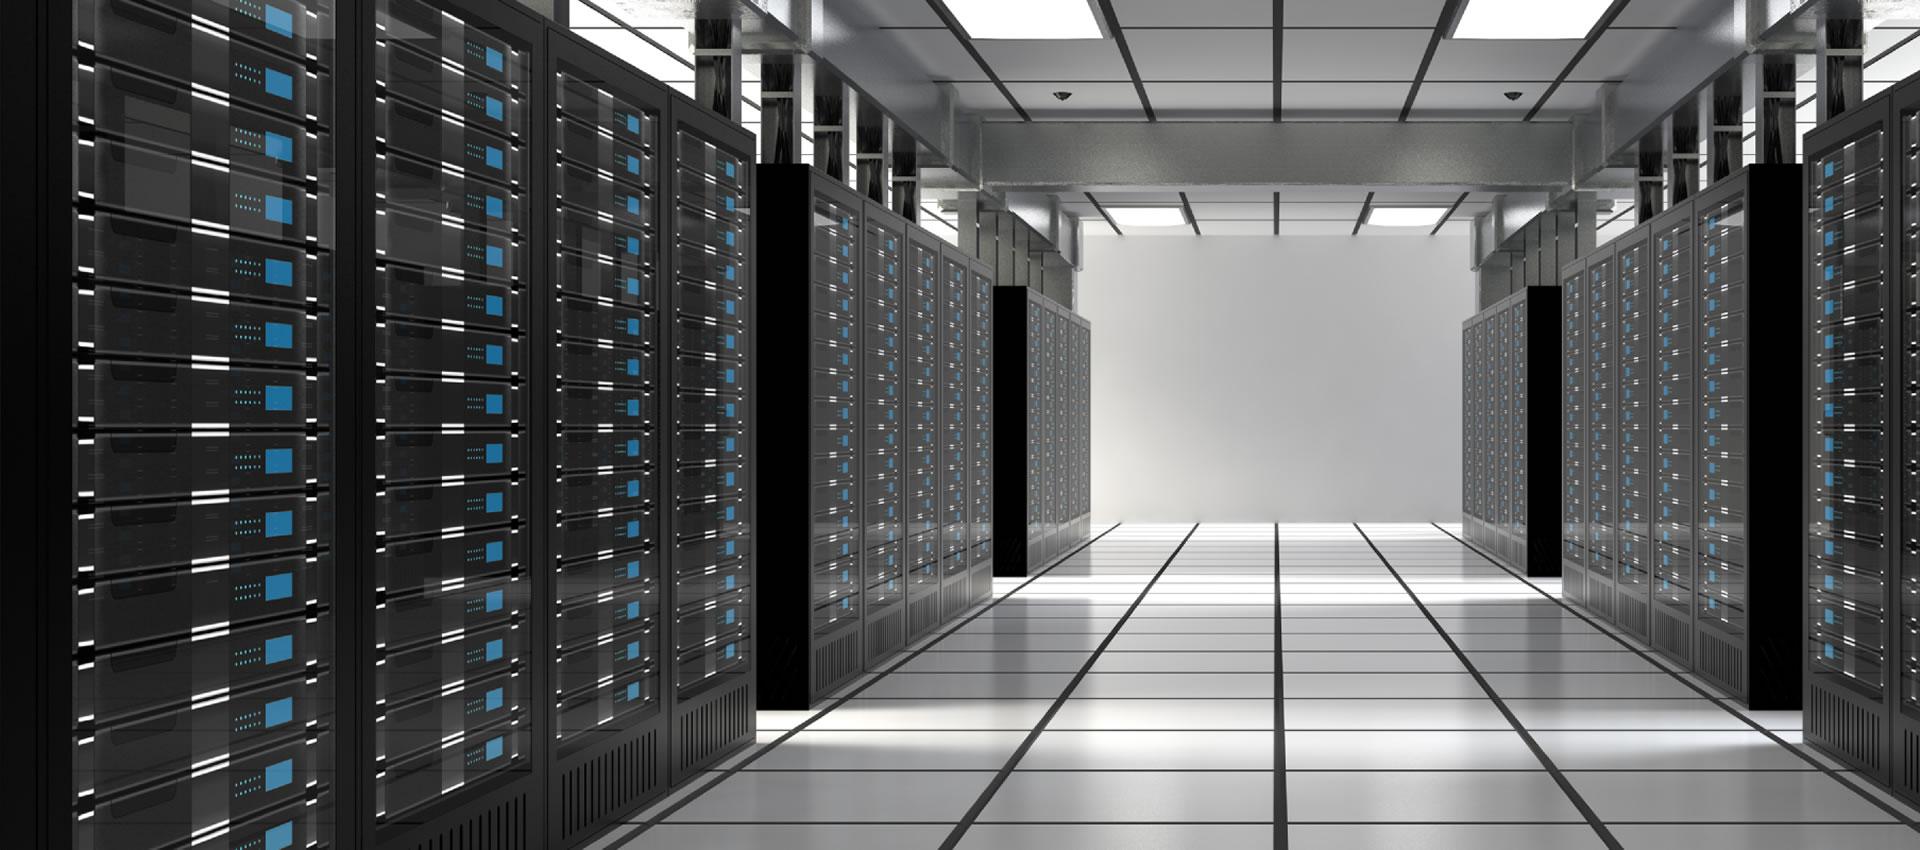 hosting1 - В помощь потенциальному заказчику или информация для общего понимания темы